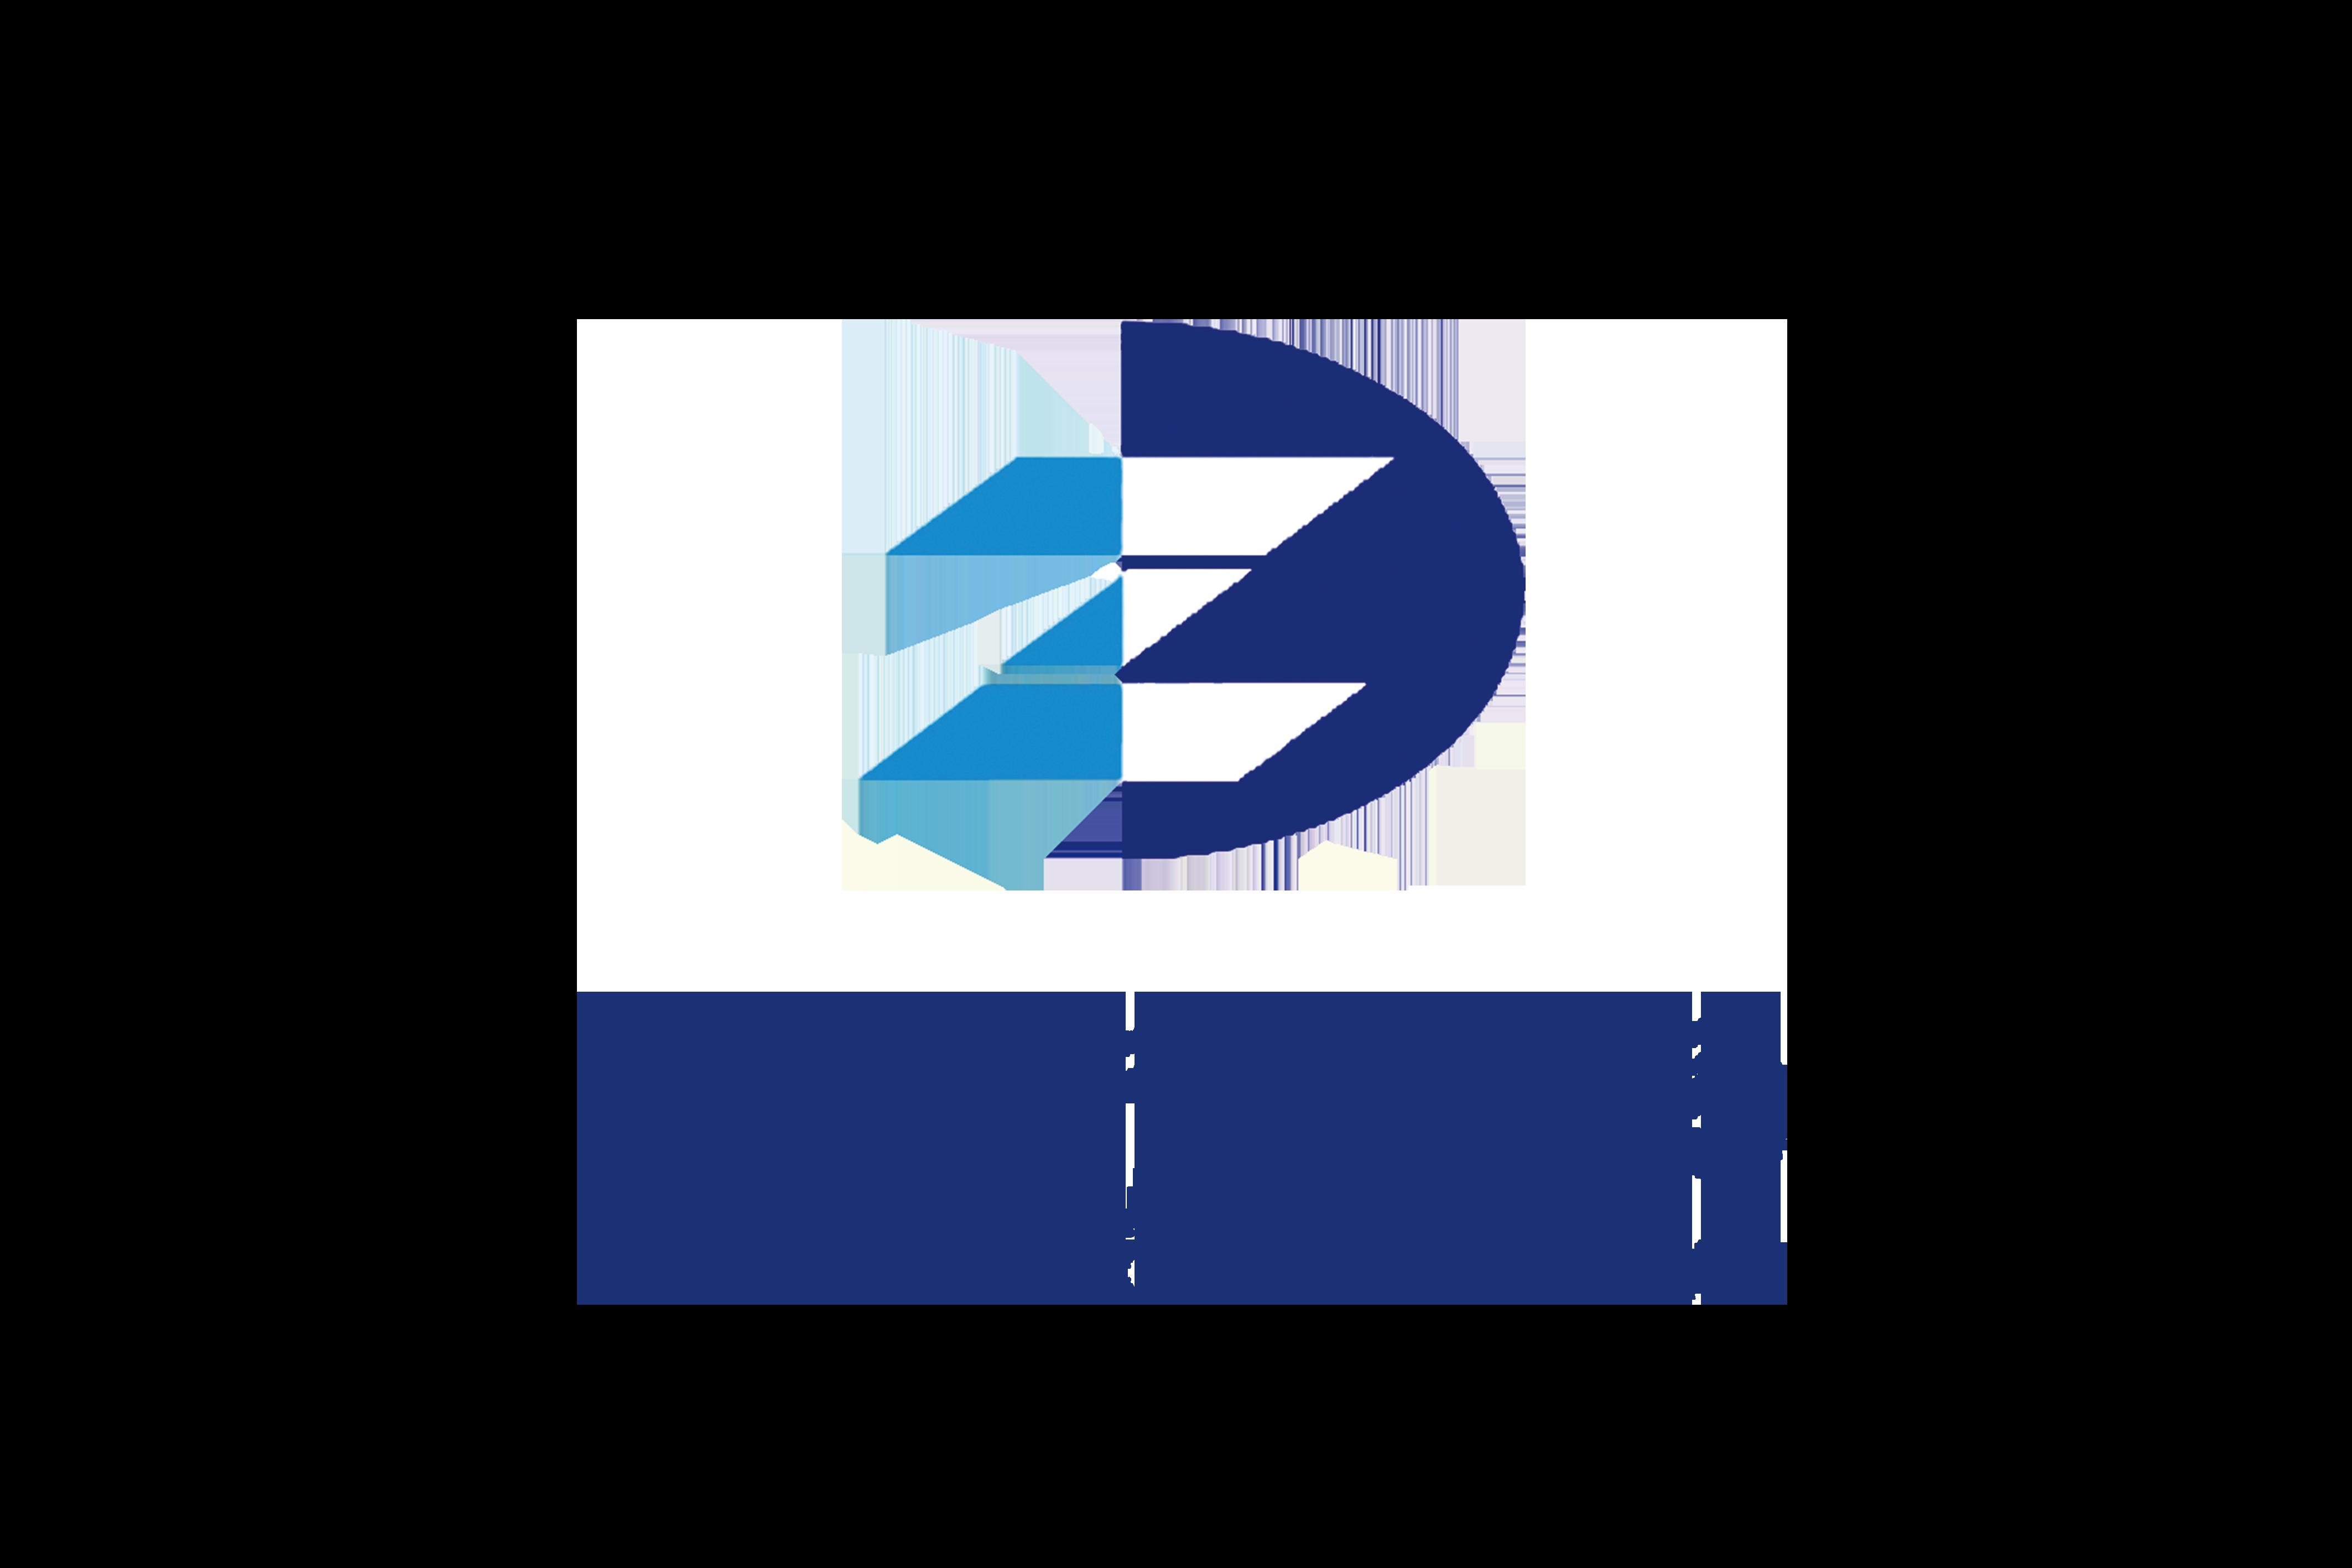 http://www.gsslxh.com甘肃中东建设工程管理咨询(集团)有限公司